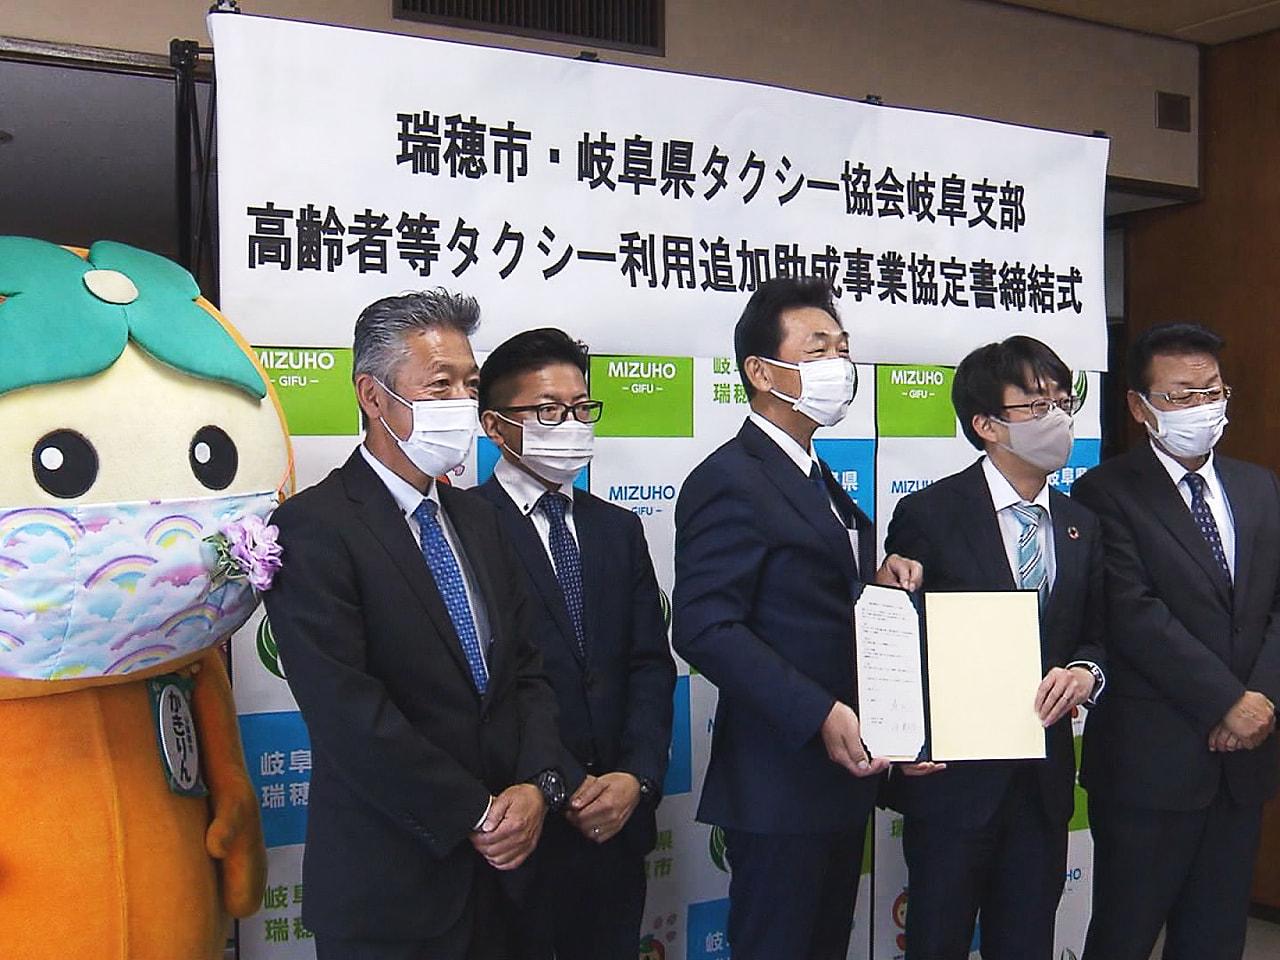 岐阜県瑞穂市では、高齢者が安心して新型コロナウイルスのワクチン接種ができるようタ...